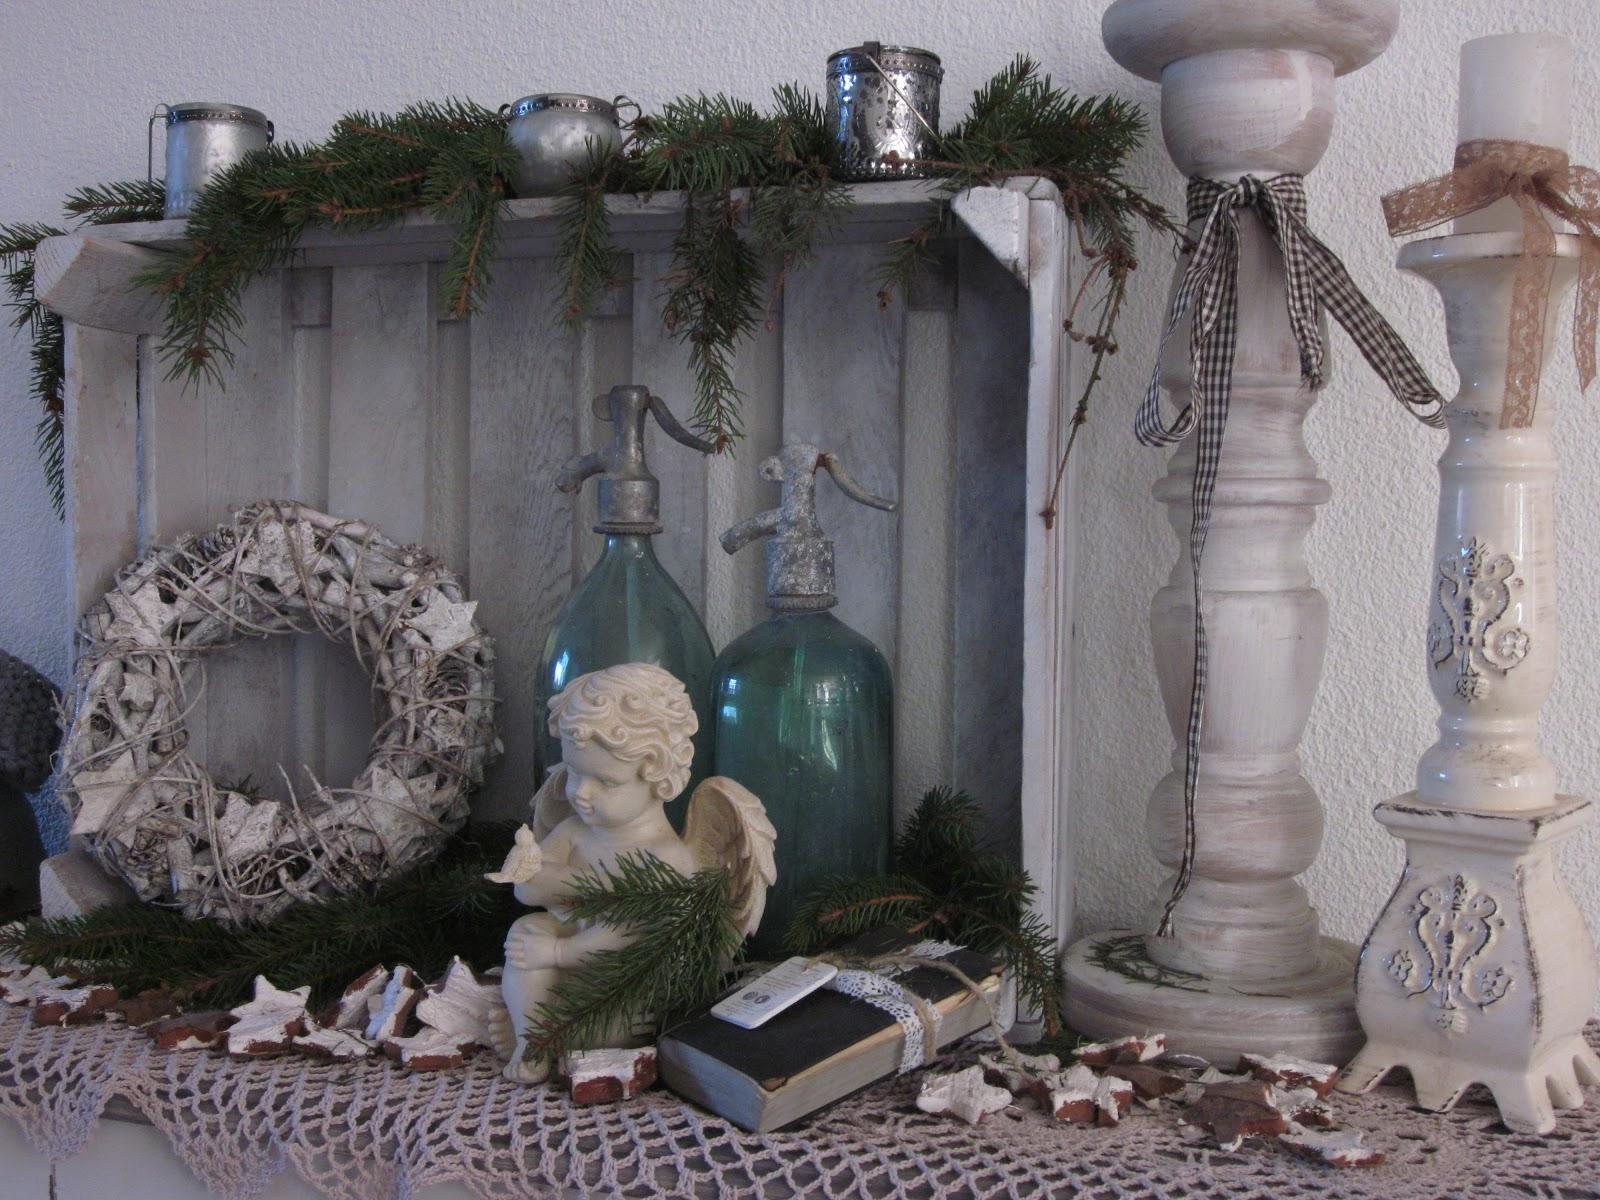 Crea 3 trois ons kerst huis for Kerst ideeen voor in huis